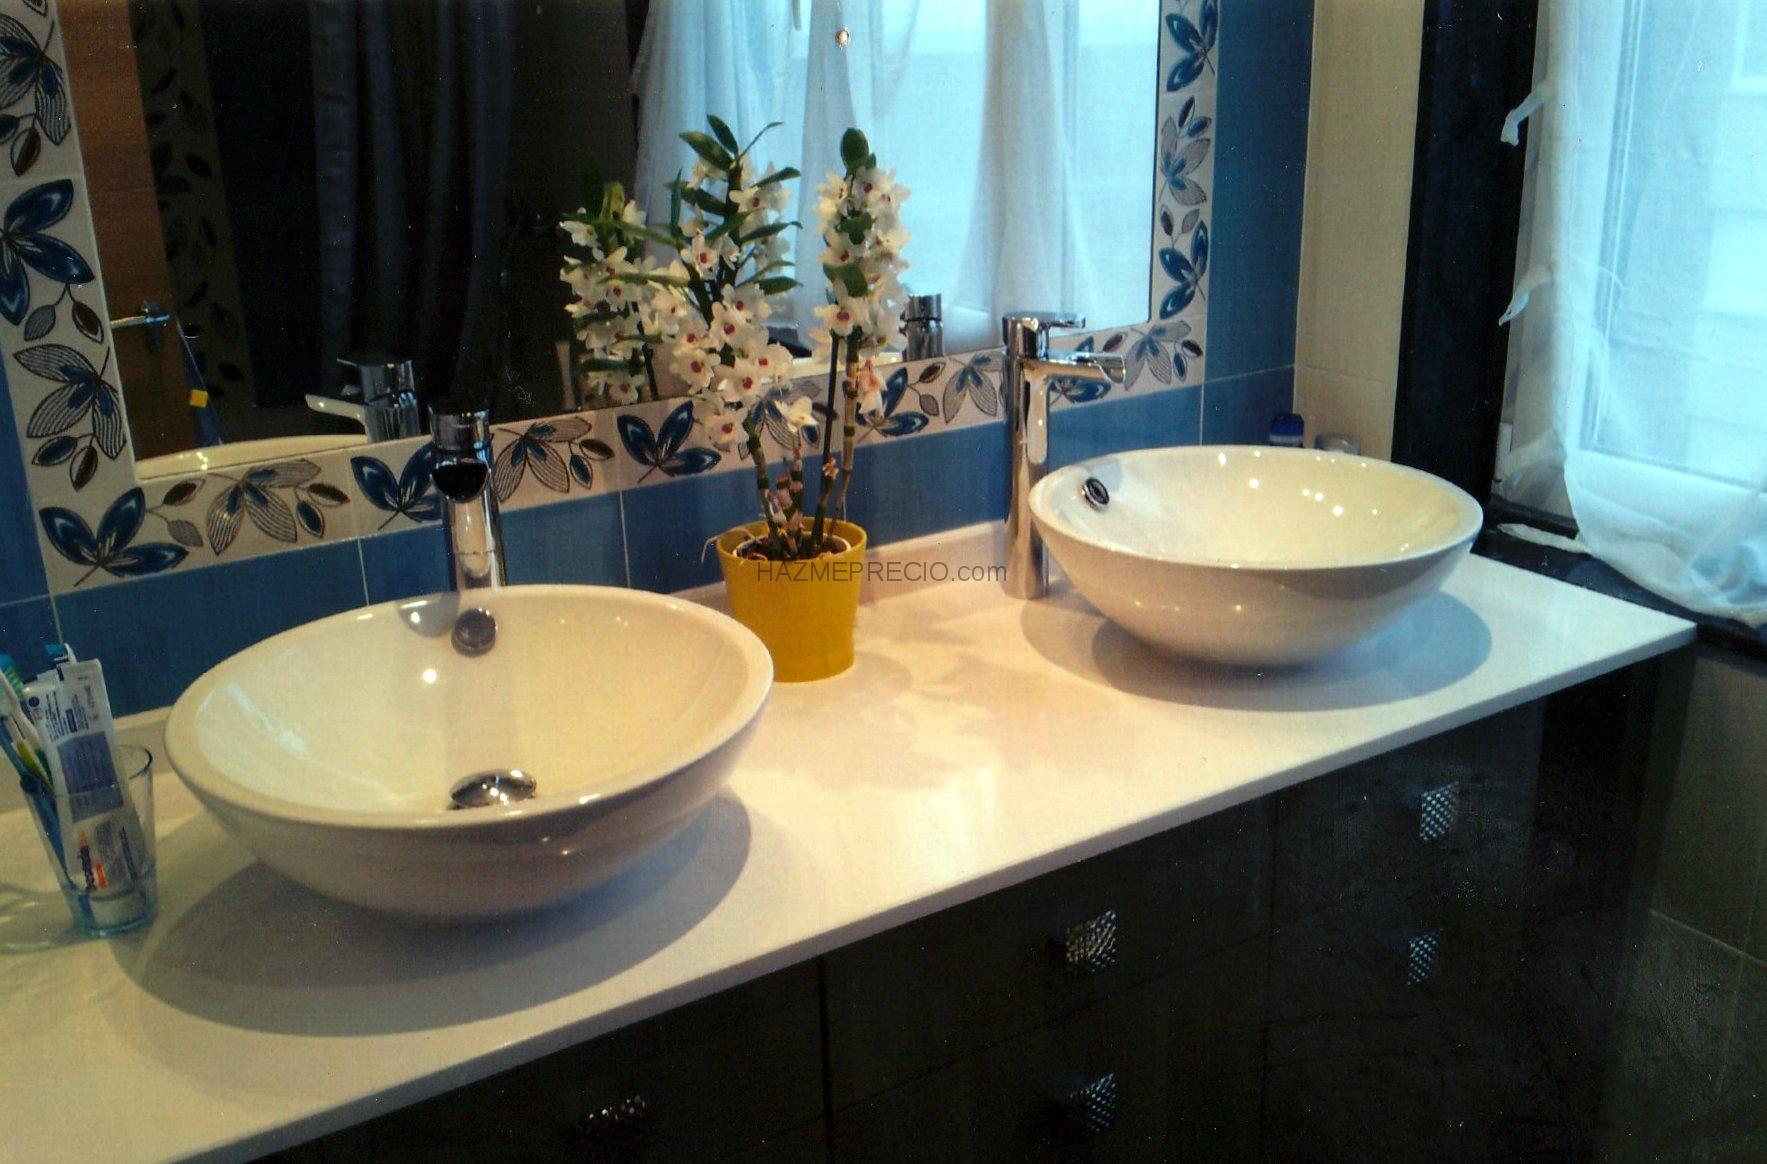 encimera lavabo integrado muebles de lavabo a medida bao con armarios altos a medida